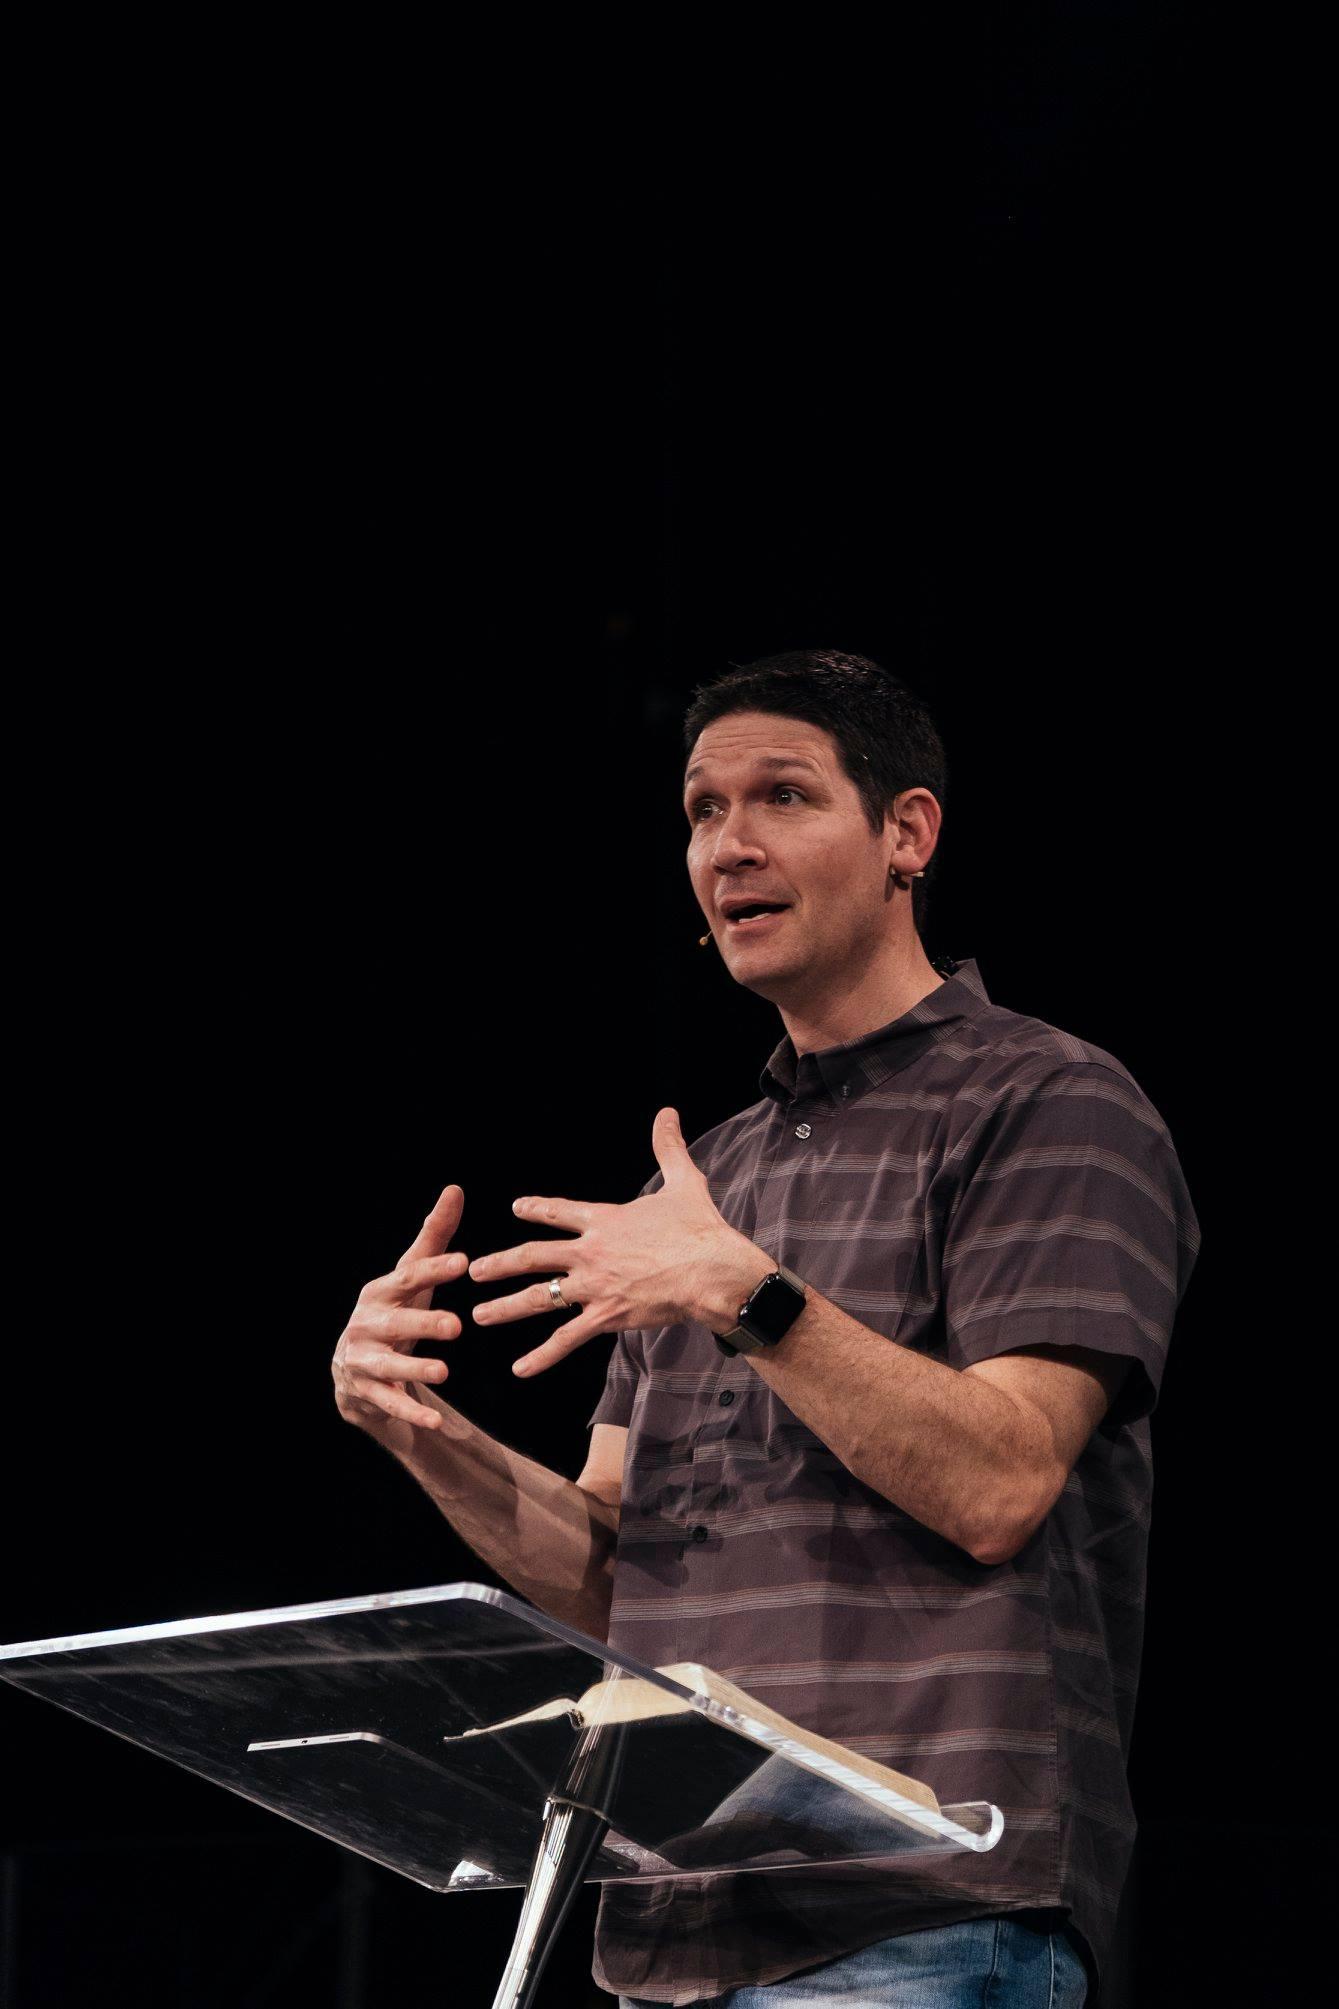 Session 5. Matt Chandler – Gospel Beauty, Gospel Power | The Beauty of God's Global Mission